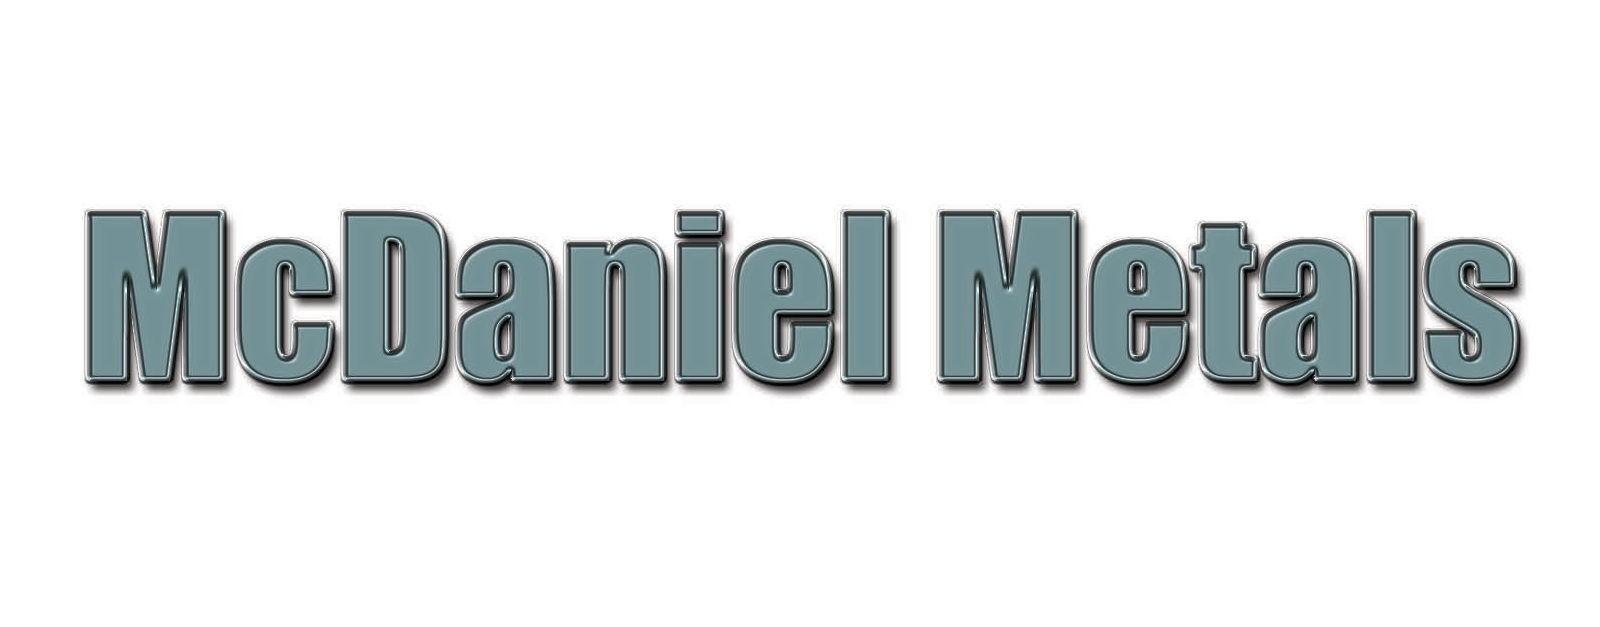 McDaniel Metals Logo